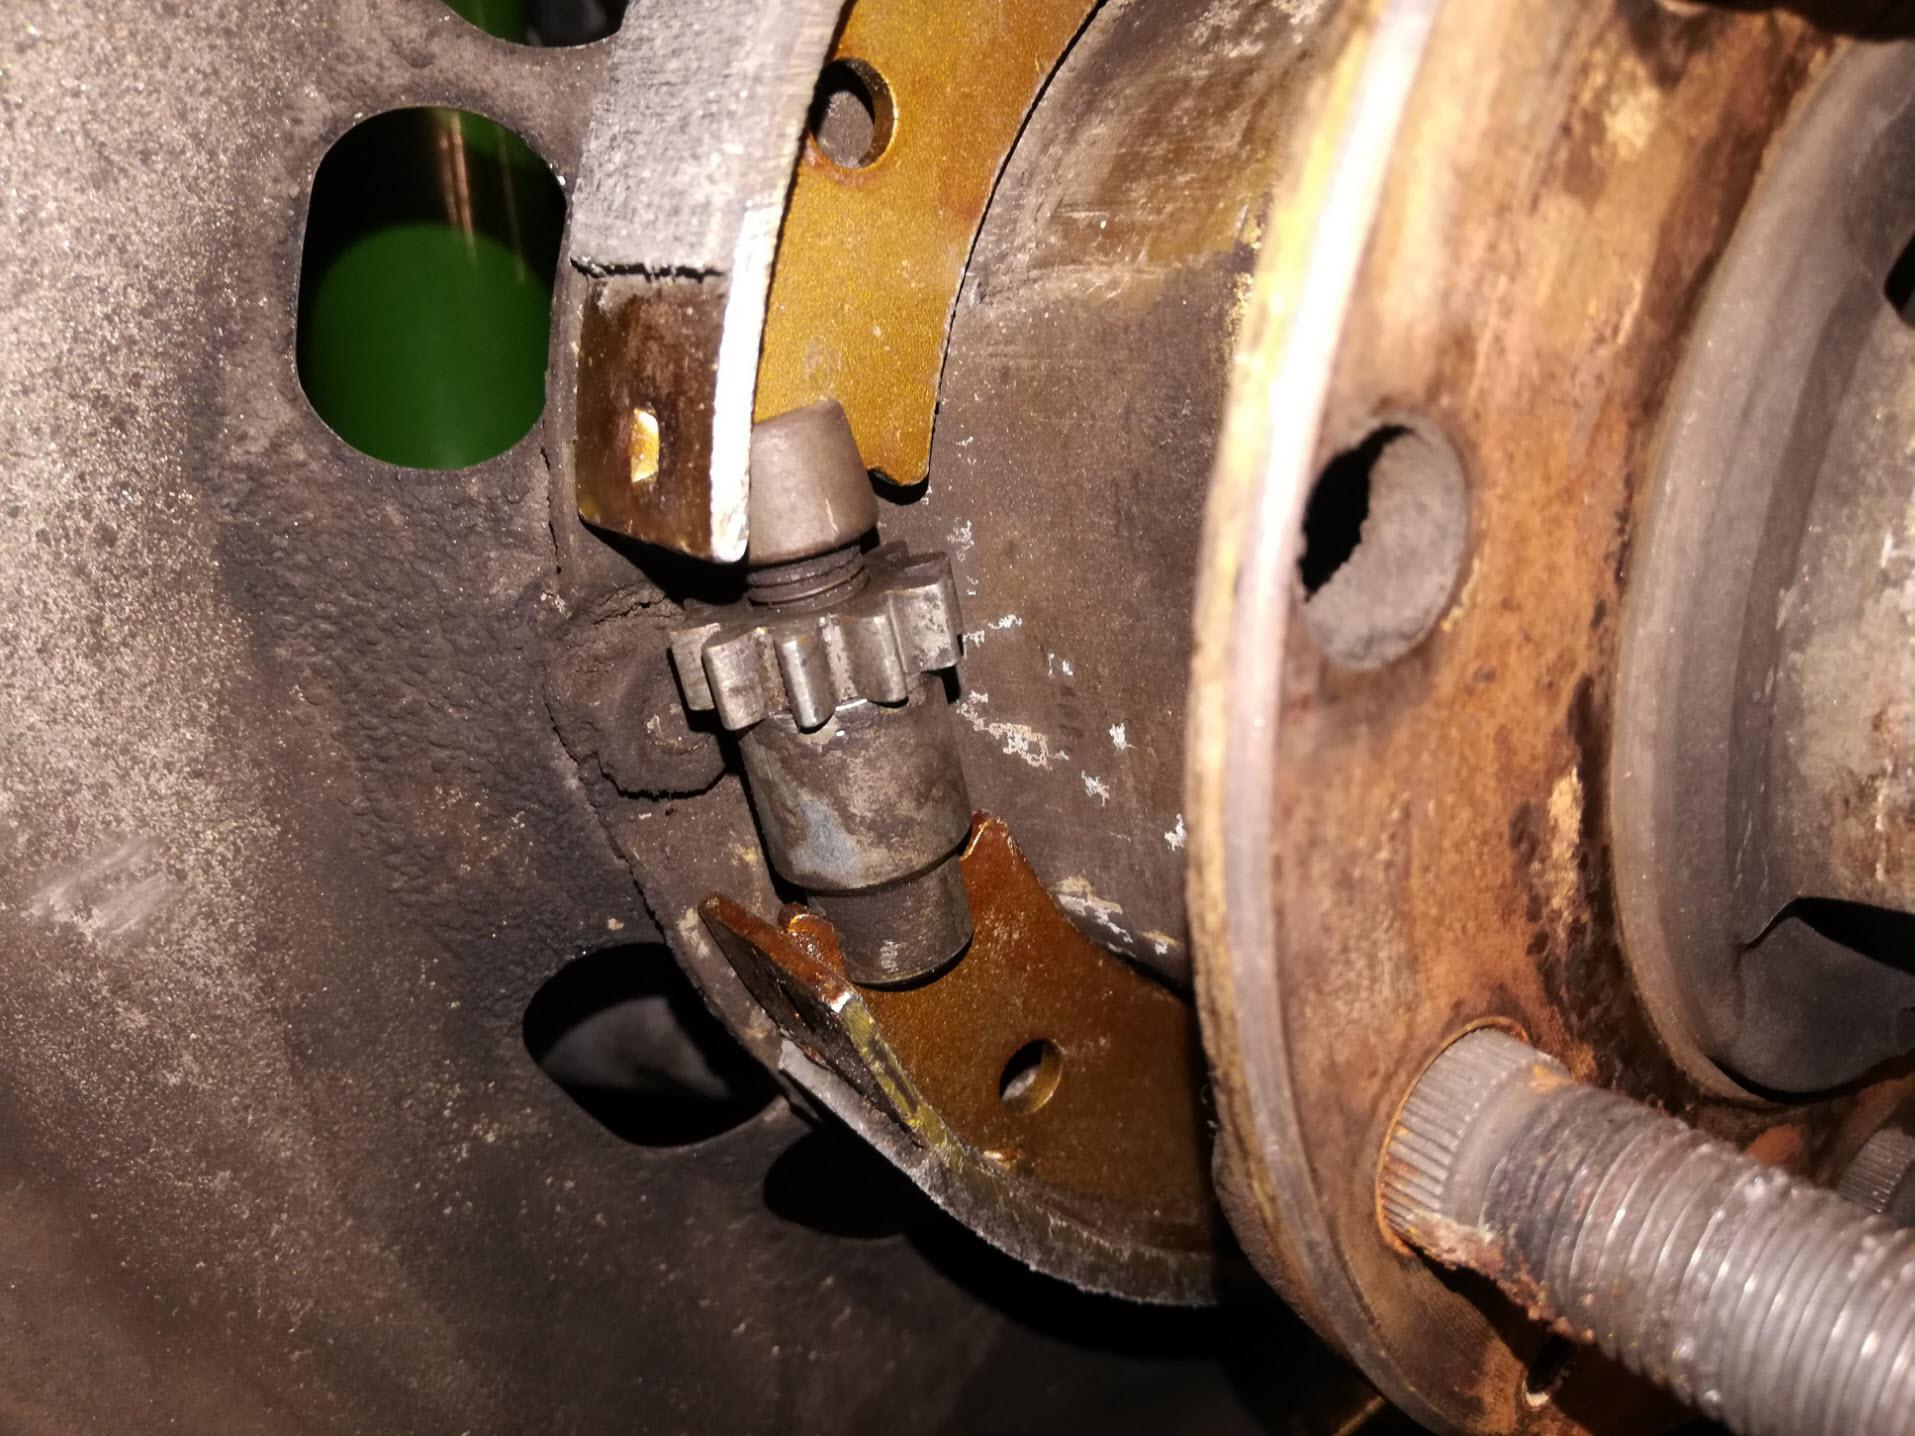 Air-cooled Porsche 911 parking brake adjuster reassembly.